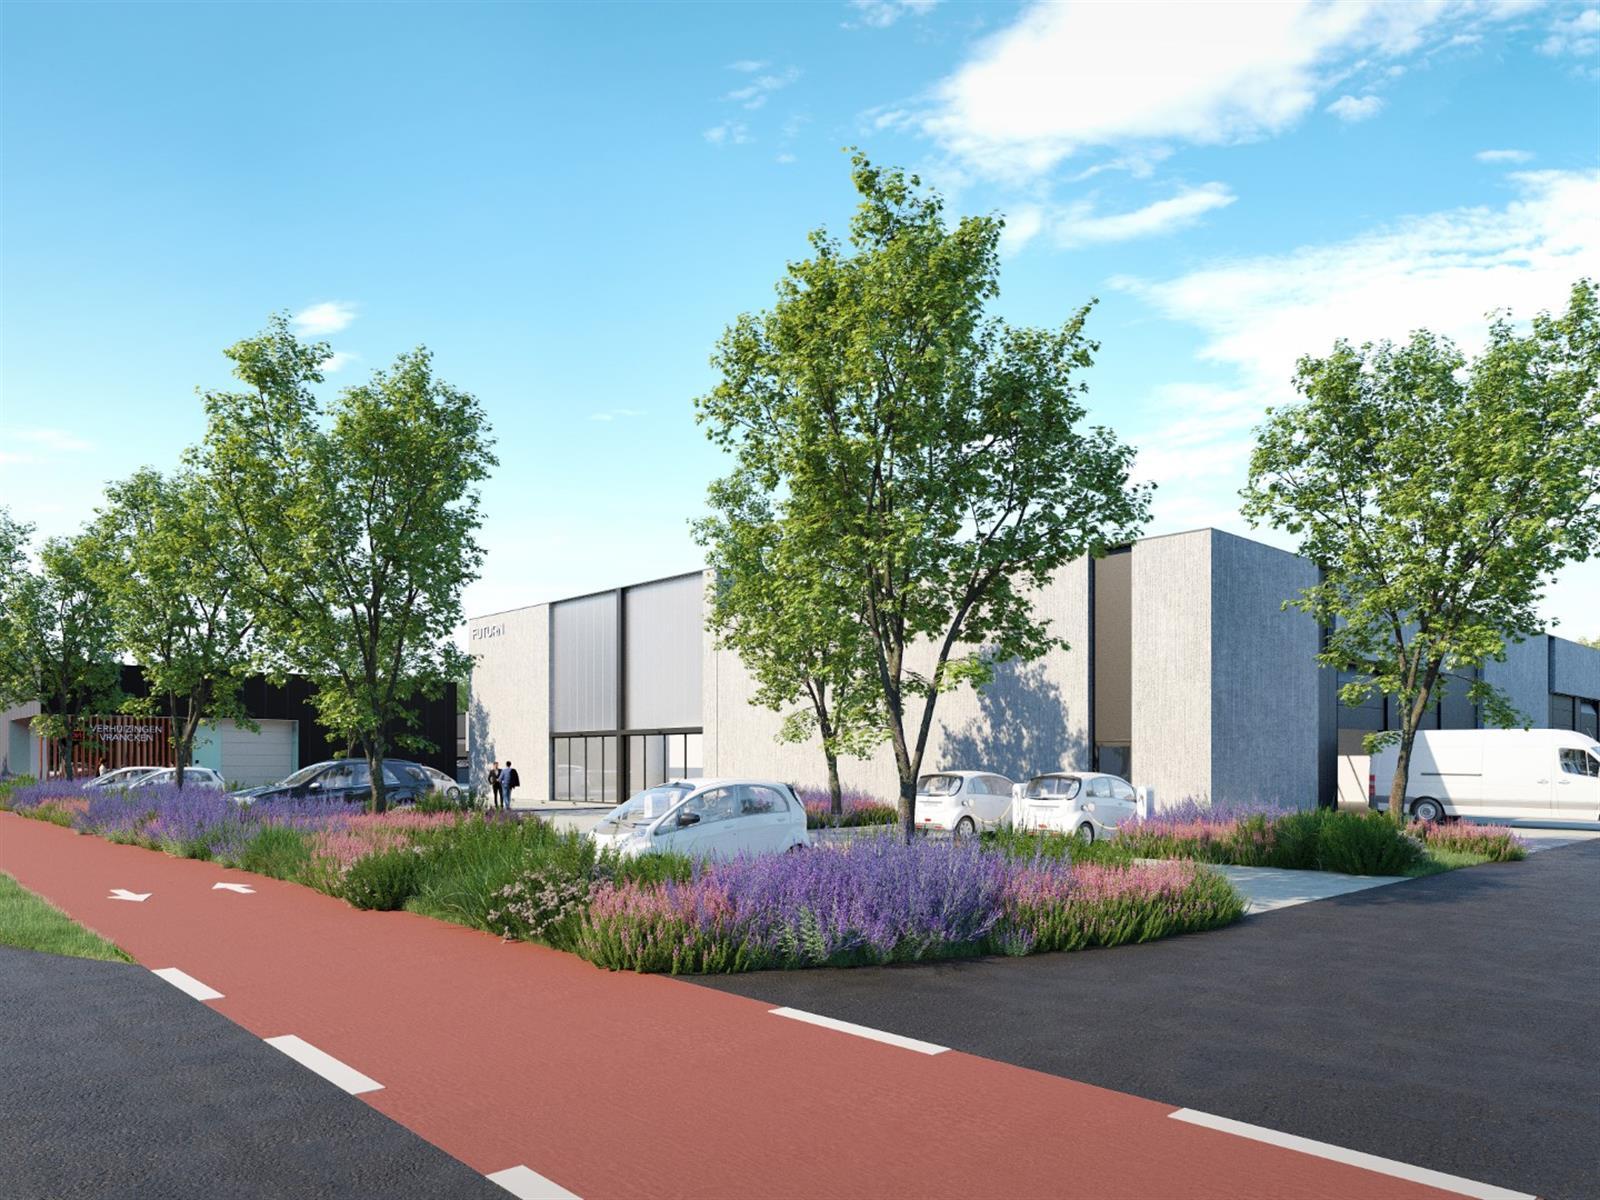 KMO-unit te koop Heros Businesspark KMO Unit 12 - Herkenrodesingel 10, 3500 Hasselt, België 6